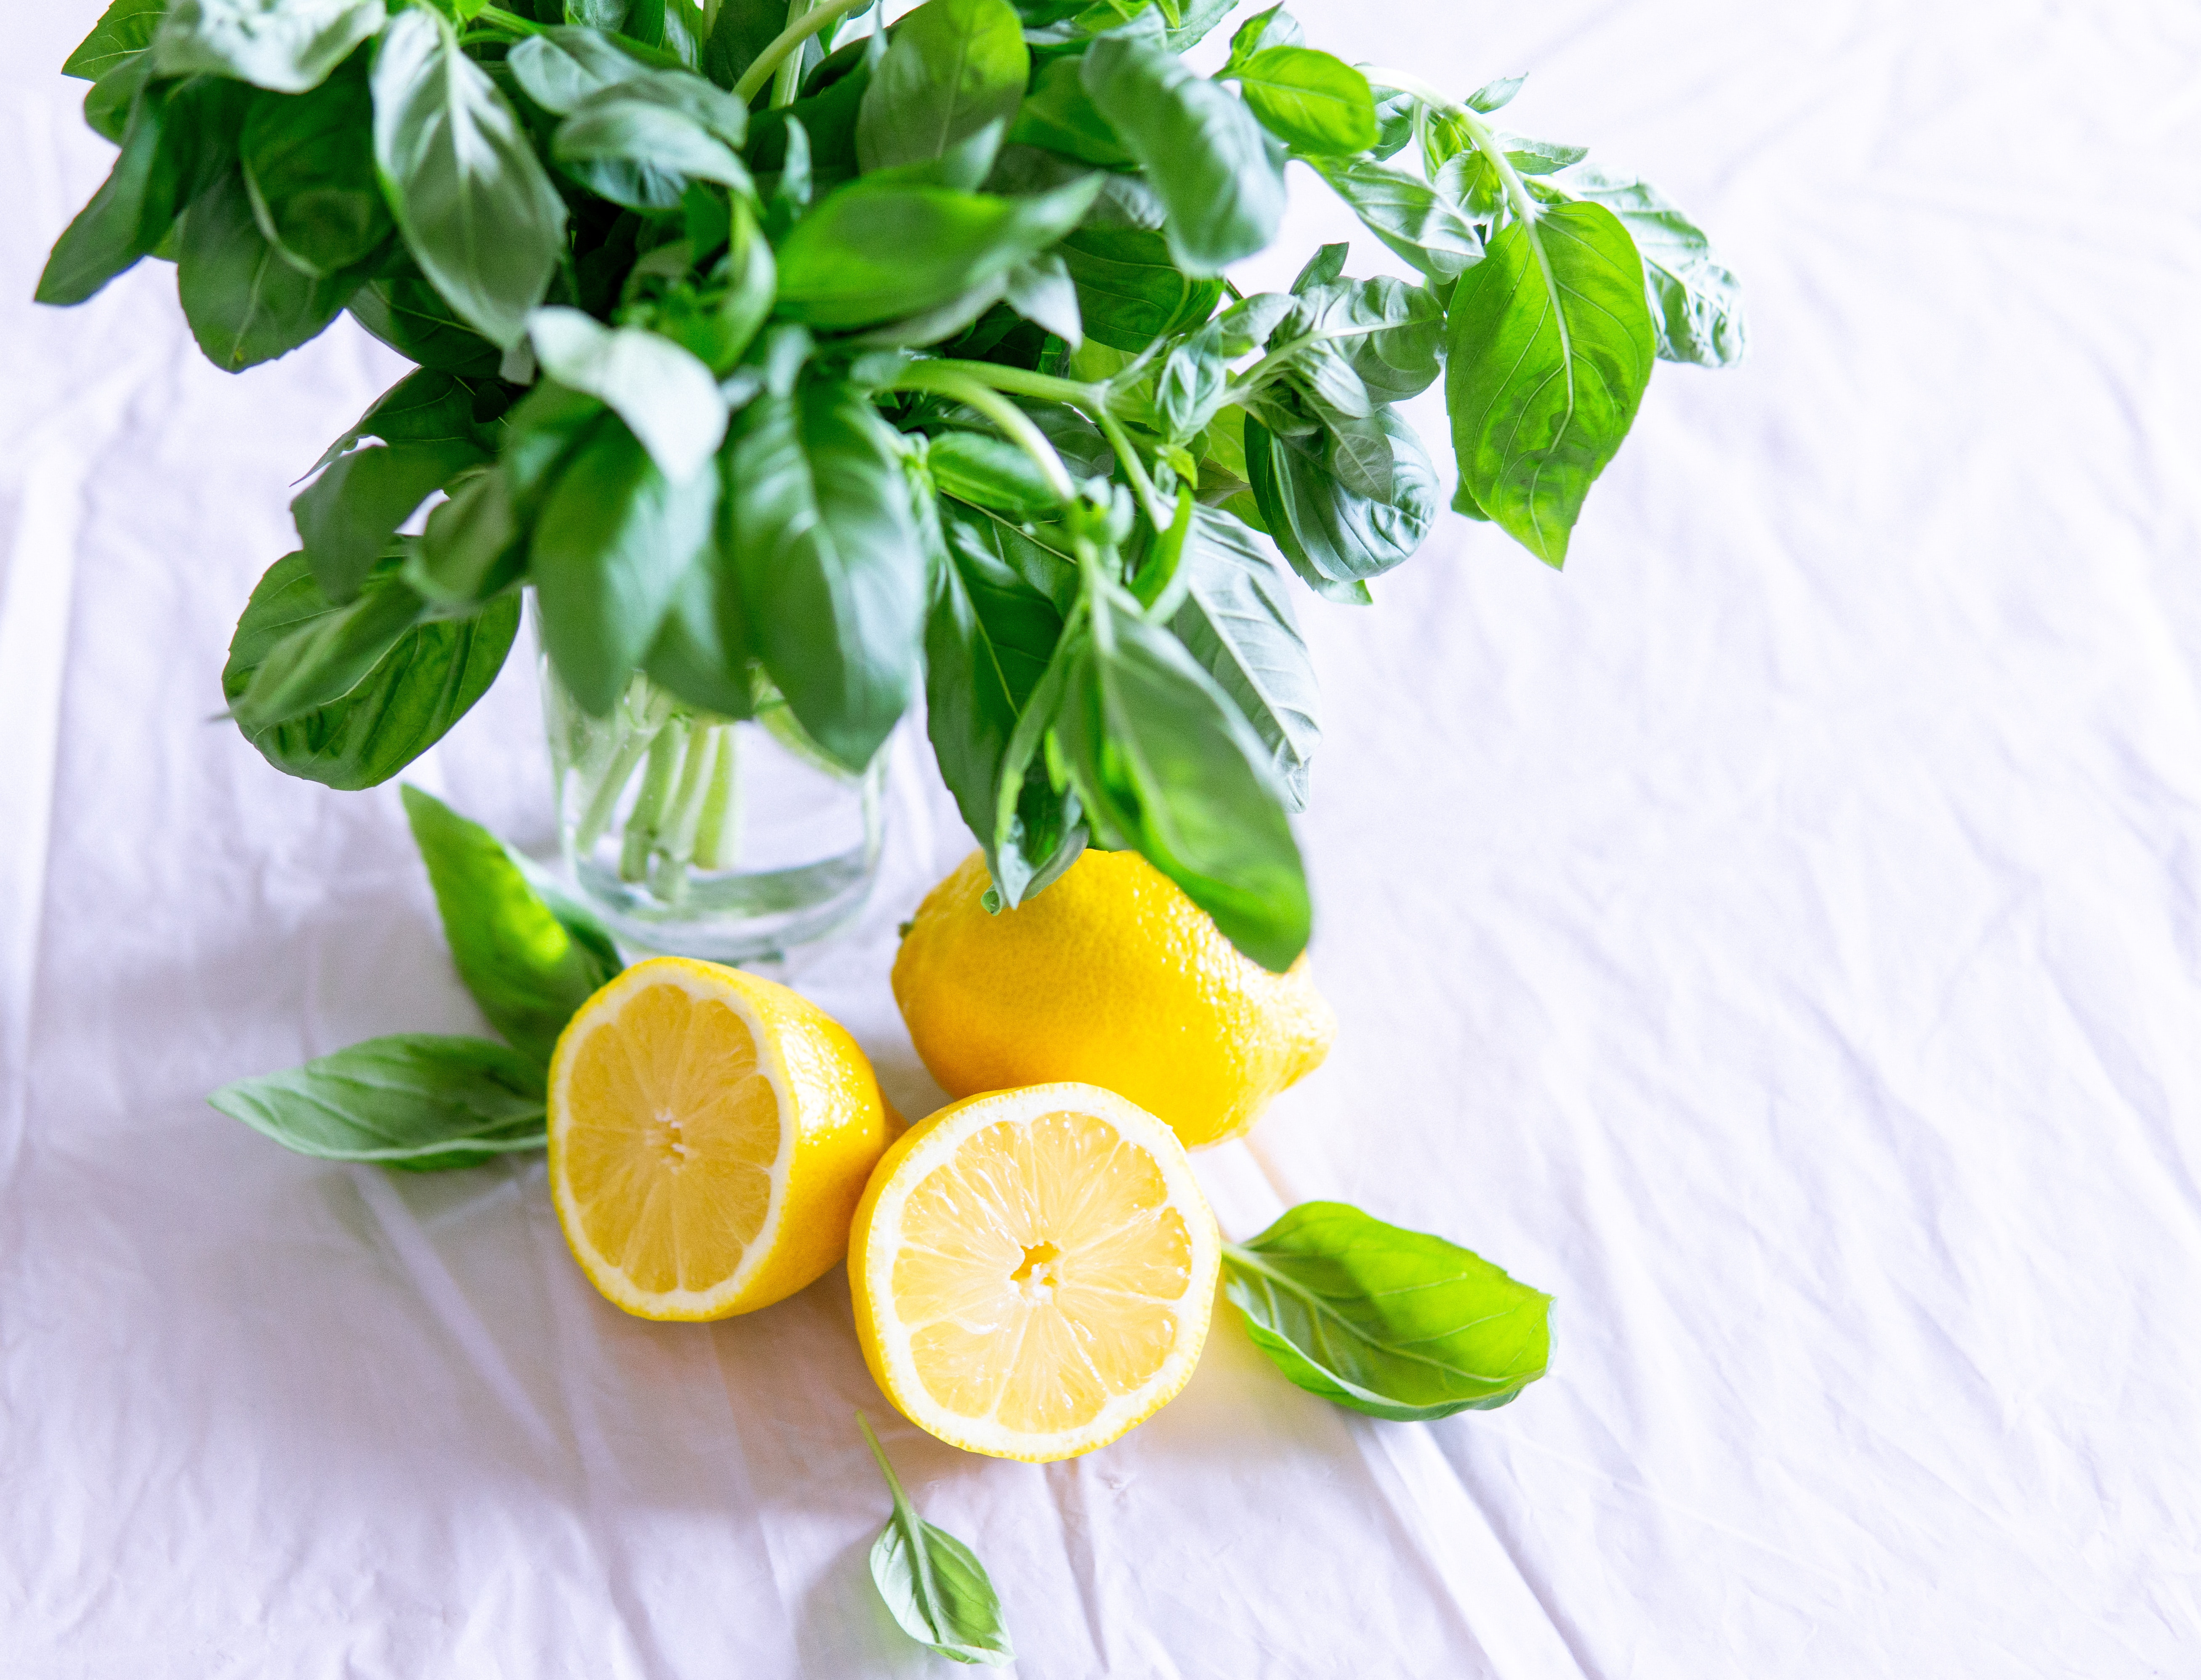 3.Лимоните са много ефективно средство за овладяване на главоболието, тъй като действат освежаващо и едновременно с това и релаксиращо. Приемът на топла вода всяка сутрин със сока от 1/2 лимон ще намали интензивността на мигренозните атаки и тяхната продължителност.